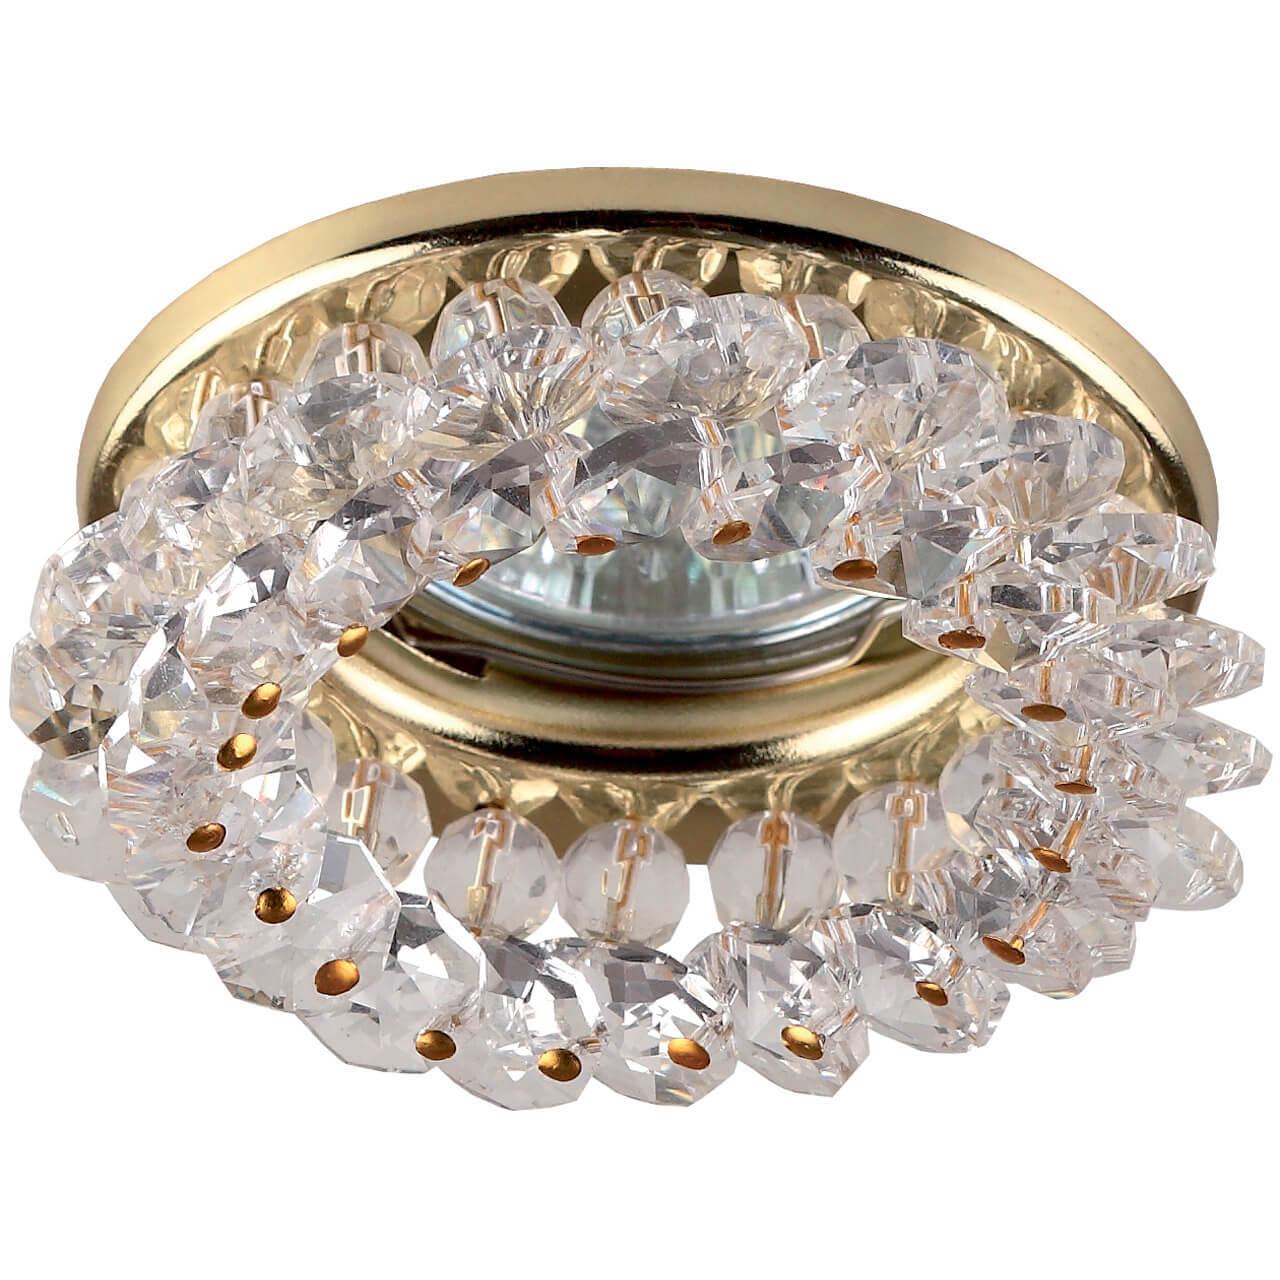 все цены на Встраиваемый светильник ЭРА Декор DK16 GD/WH онлайн